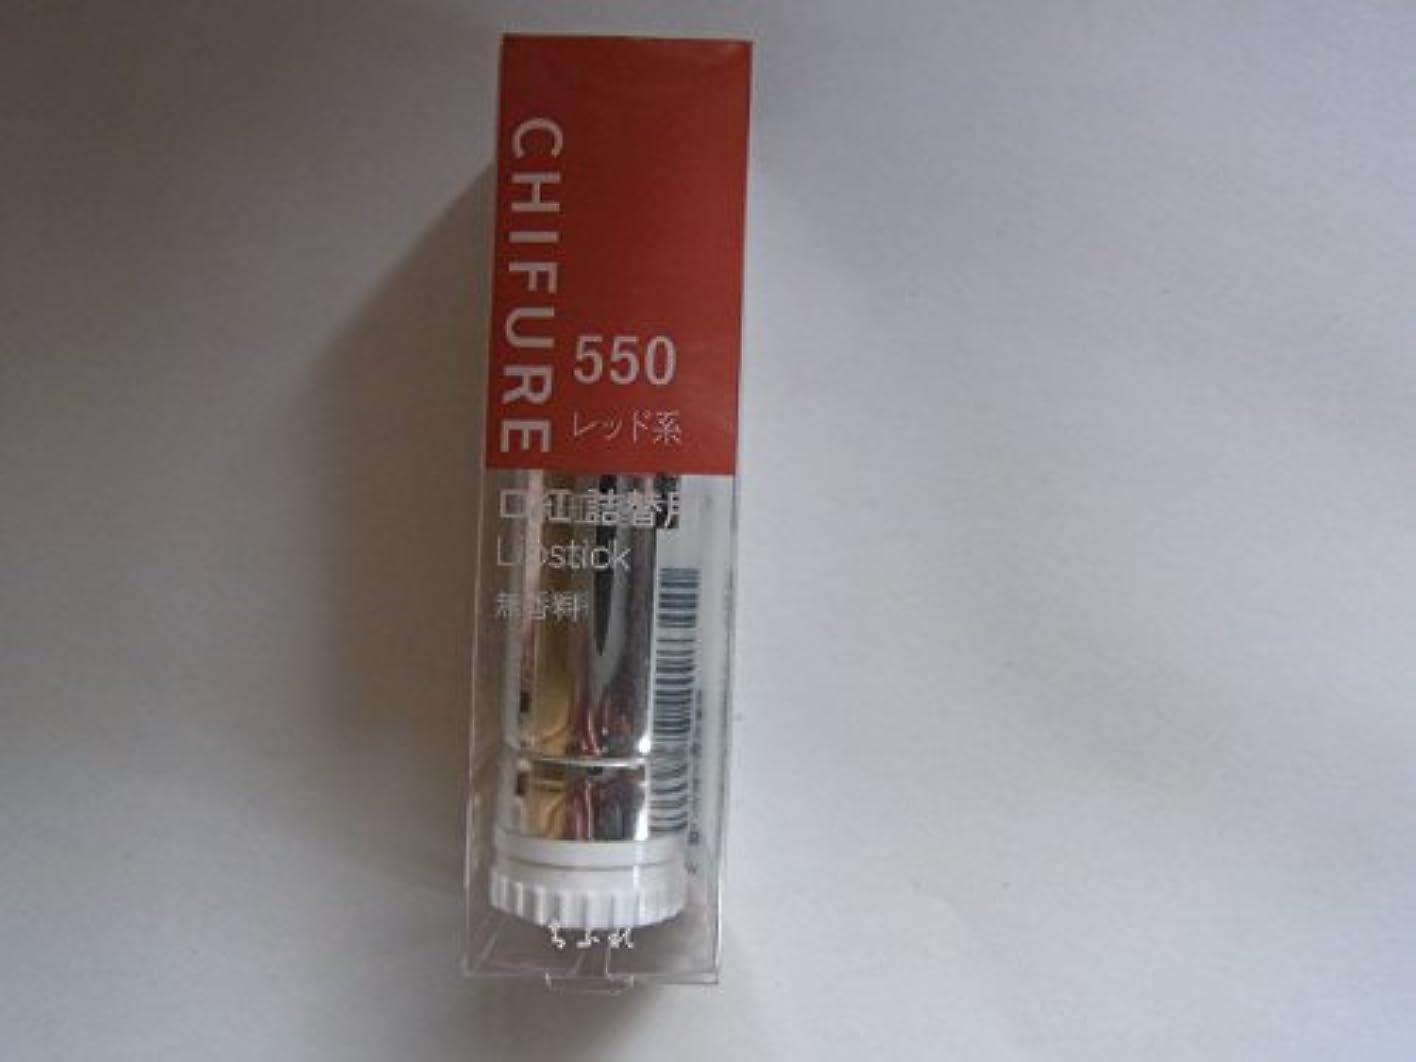 計算するおいしい順応性ちふれ化粧品 口紅 レッド系550